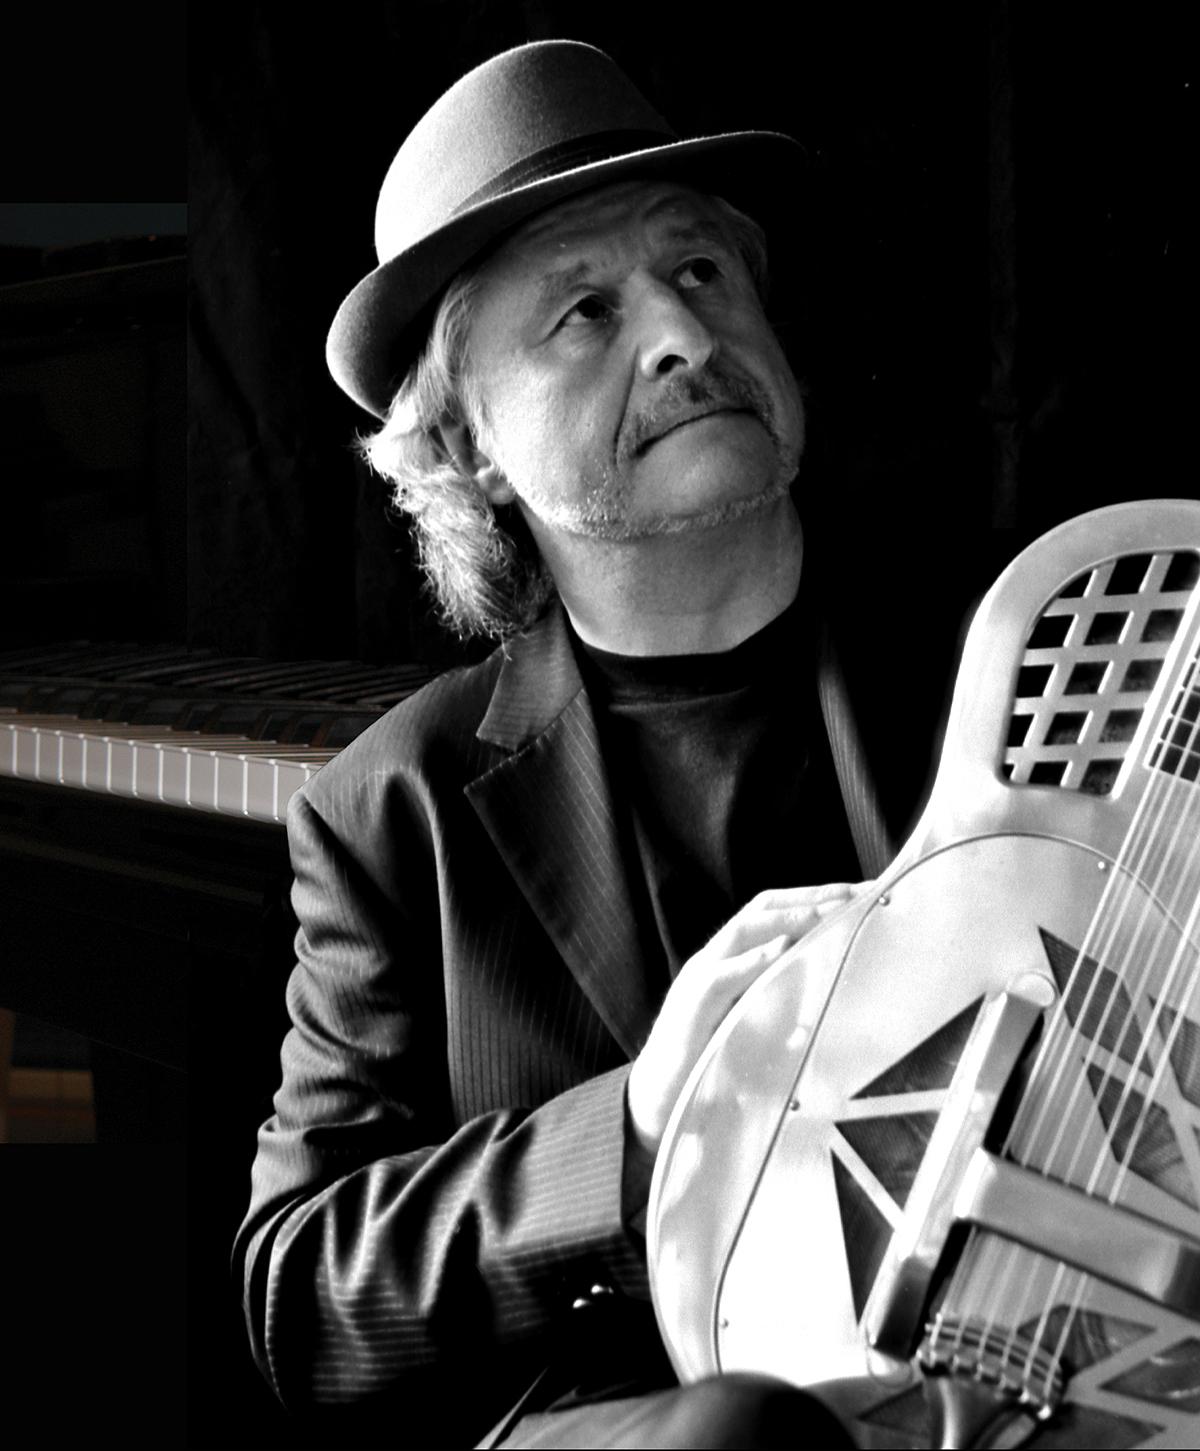 der gebürtige Landshuter Edwin Kimmler kann wohl am ehesten als kompromissloser Live-Musiker beschrieben werden.